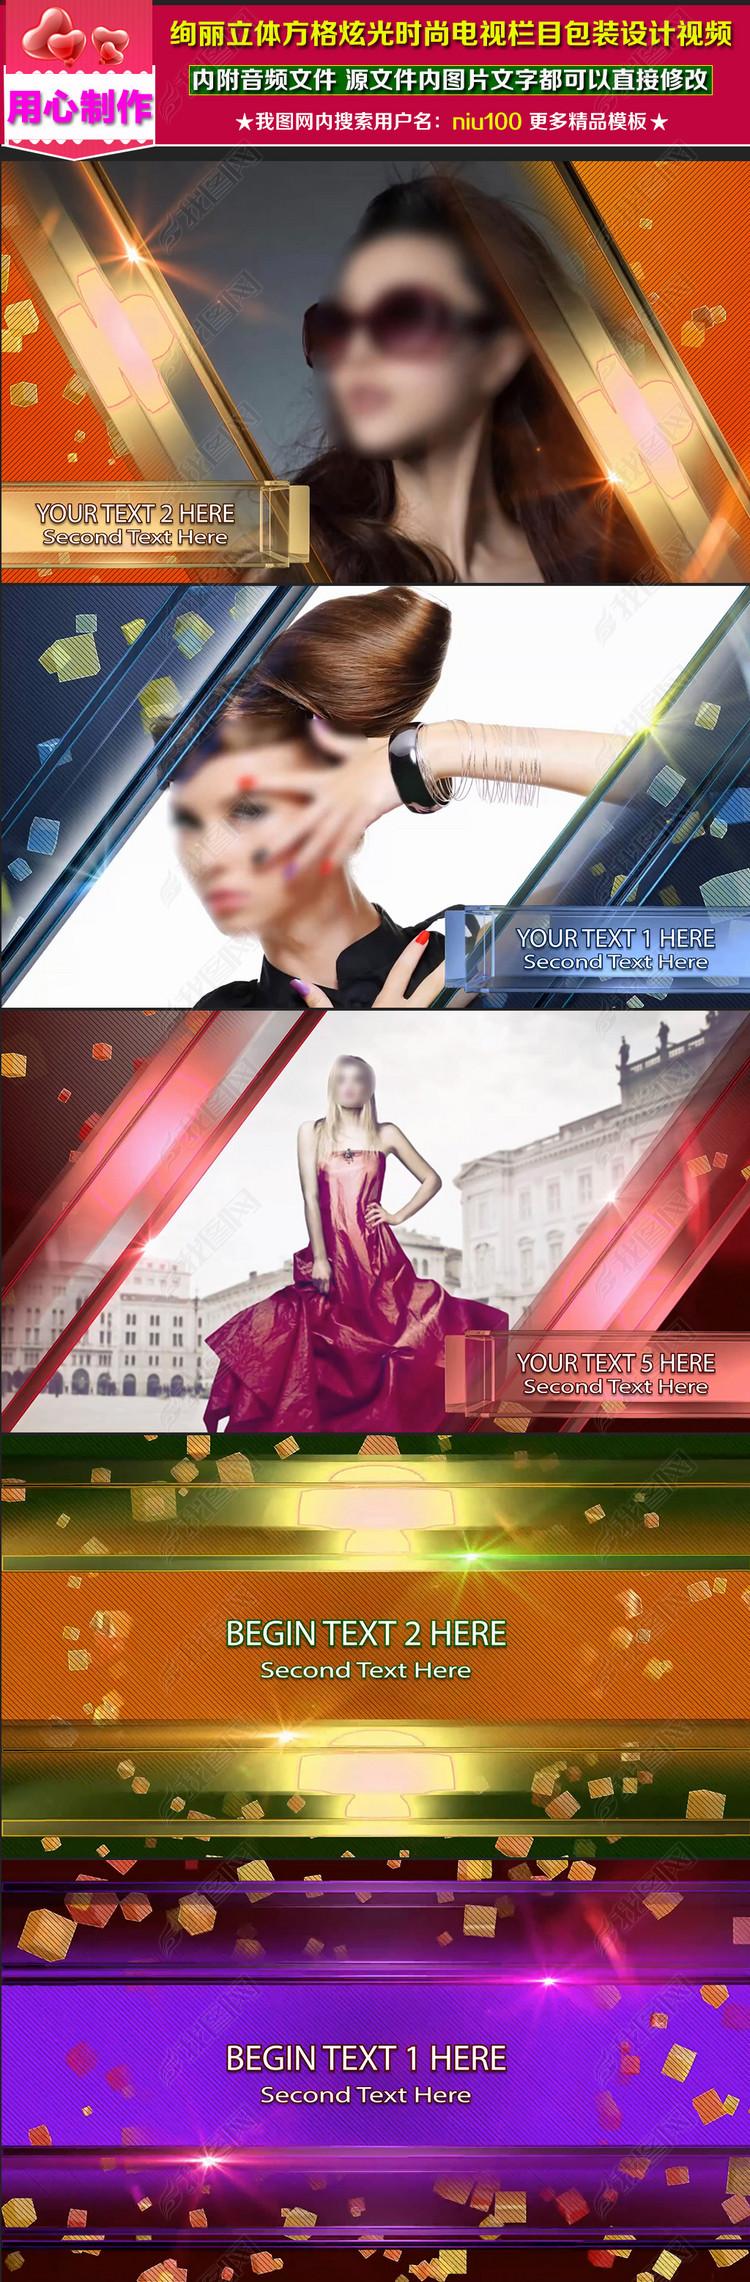 绚丽立体方块炫光时尚电视栏目包装设计视频